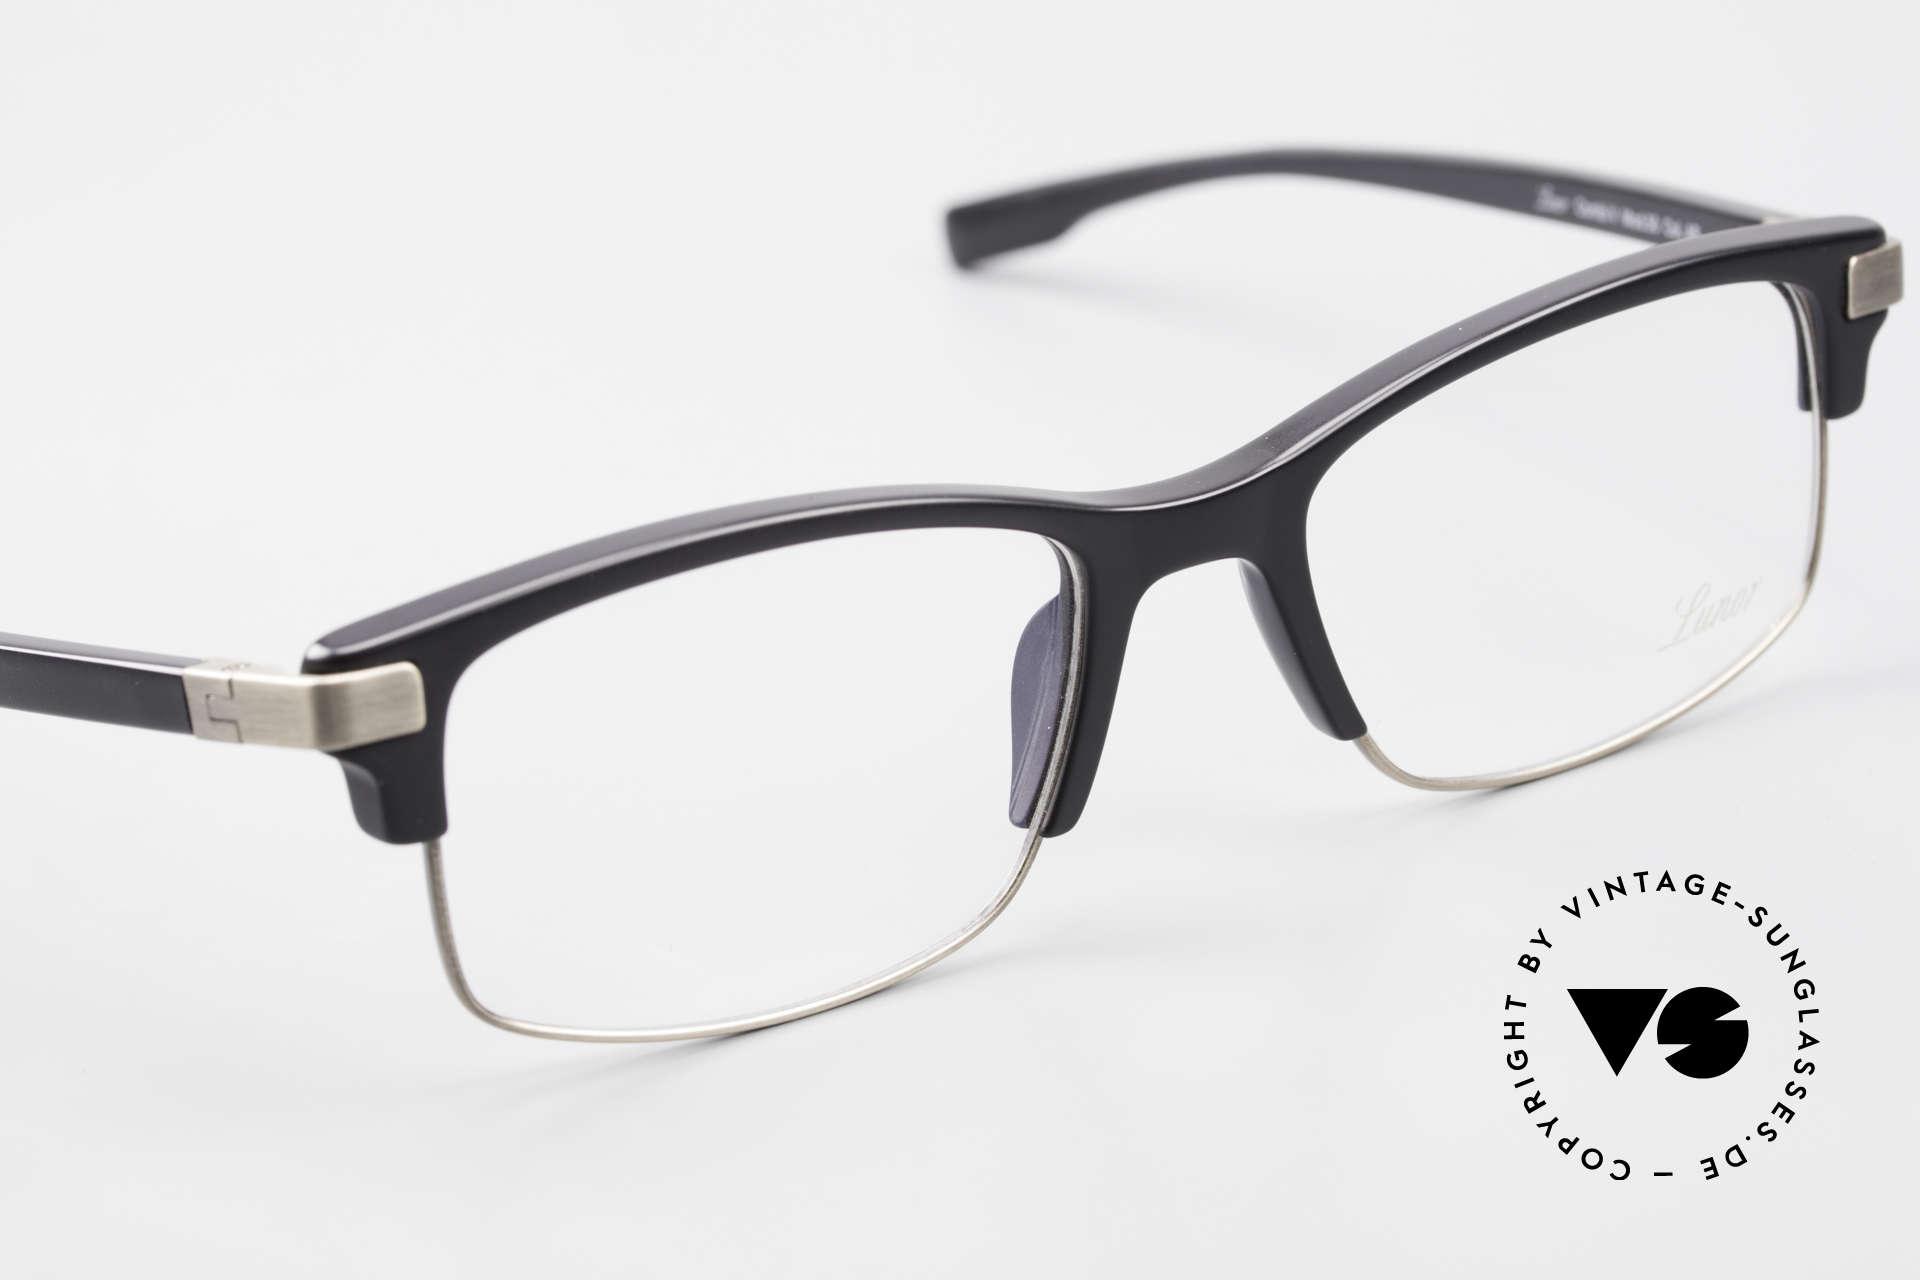 Lunor Combi V Mod 50 Designer Kombibrille Titanium, ungetragen (wie alle unsere Luxusbrille von LUNOR), Passend für Herren und Damen